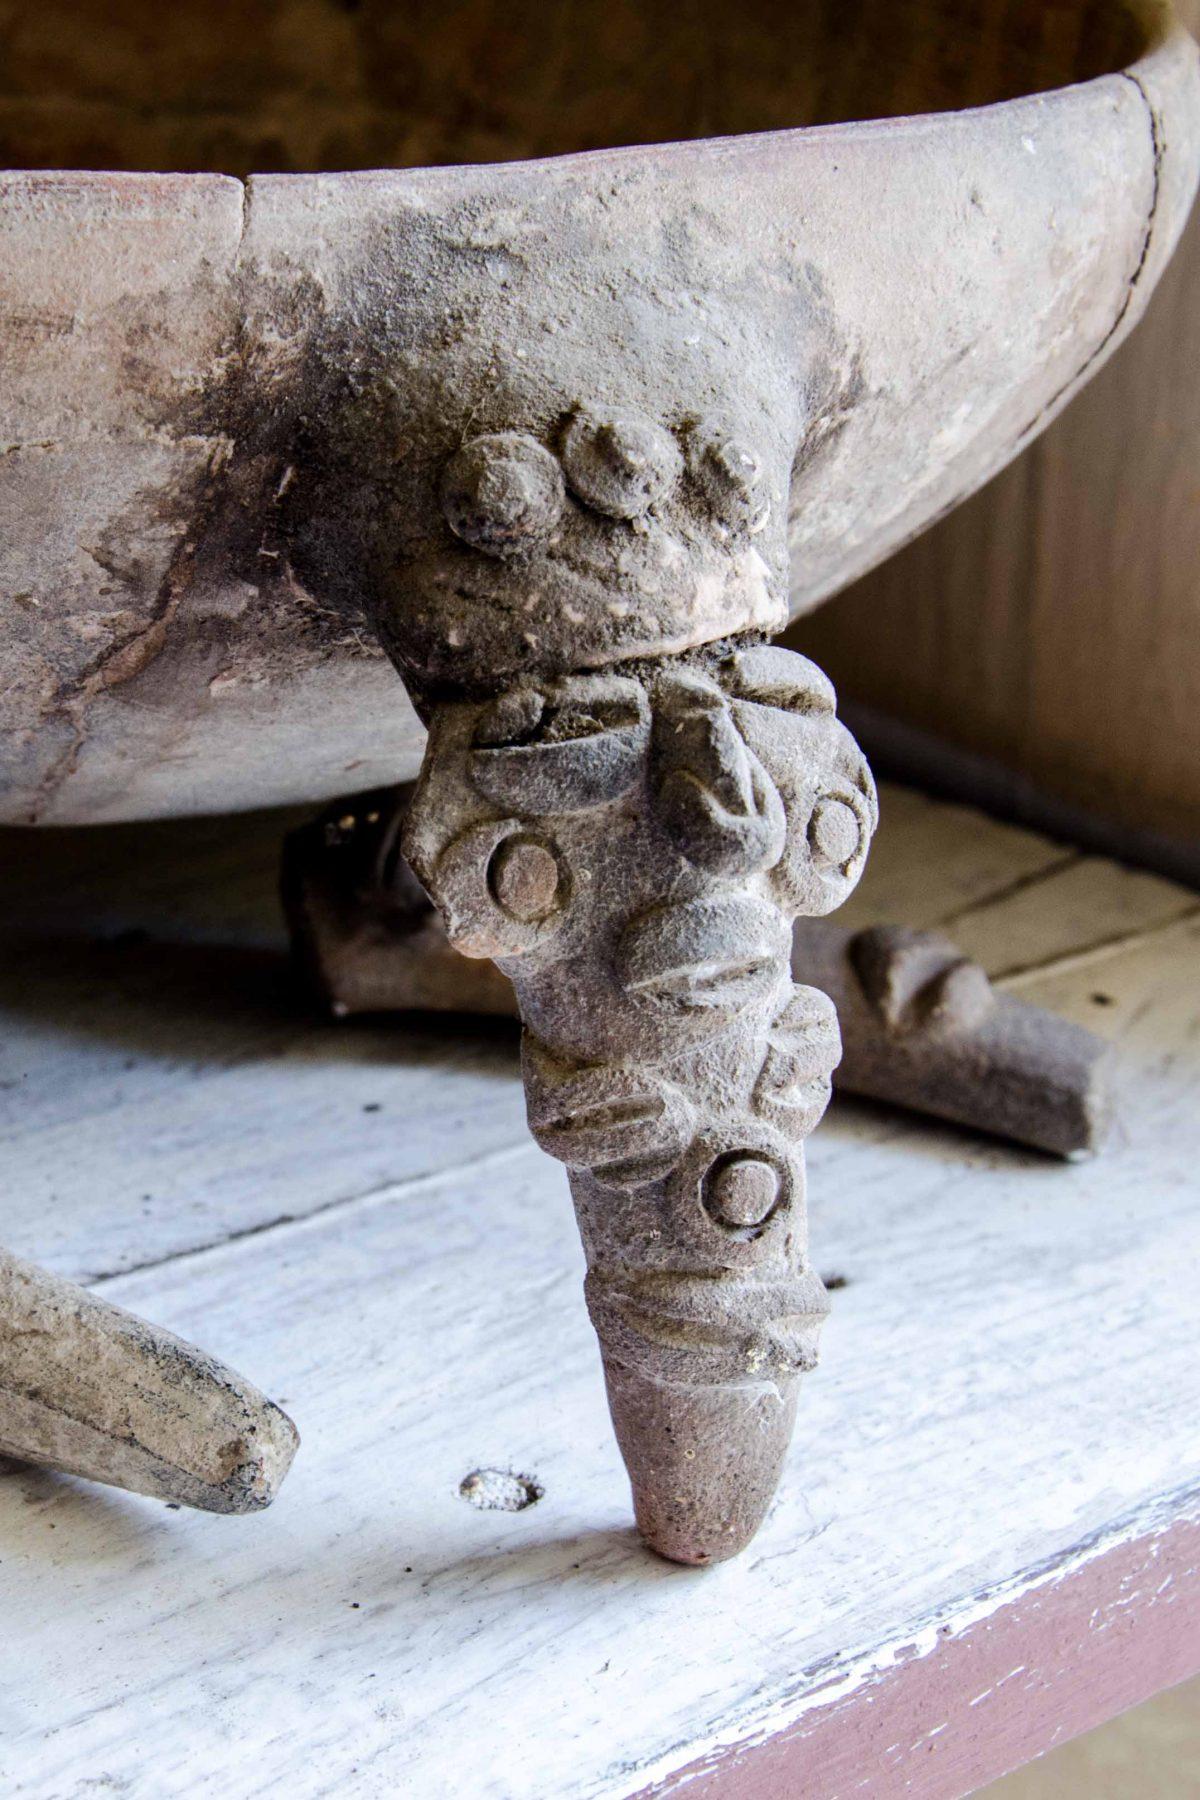 Pottery from the Chorrera Culture, 1300 BCE to 300 BCE, Valdivia, Ecuador | ©Angela Drake / Not Your Average American; Ecuador Por Mis Ojos